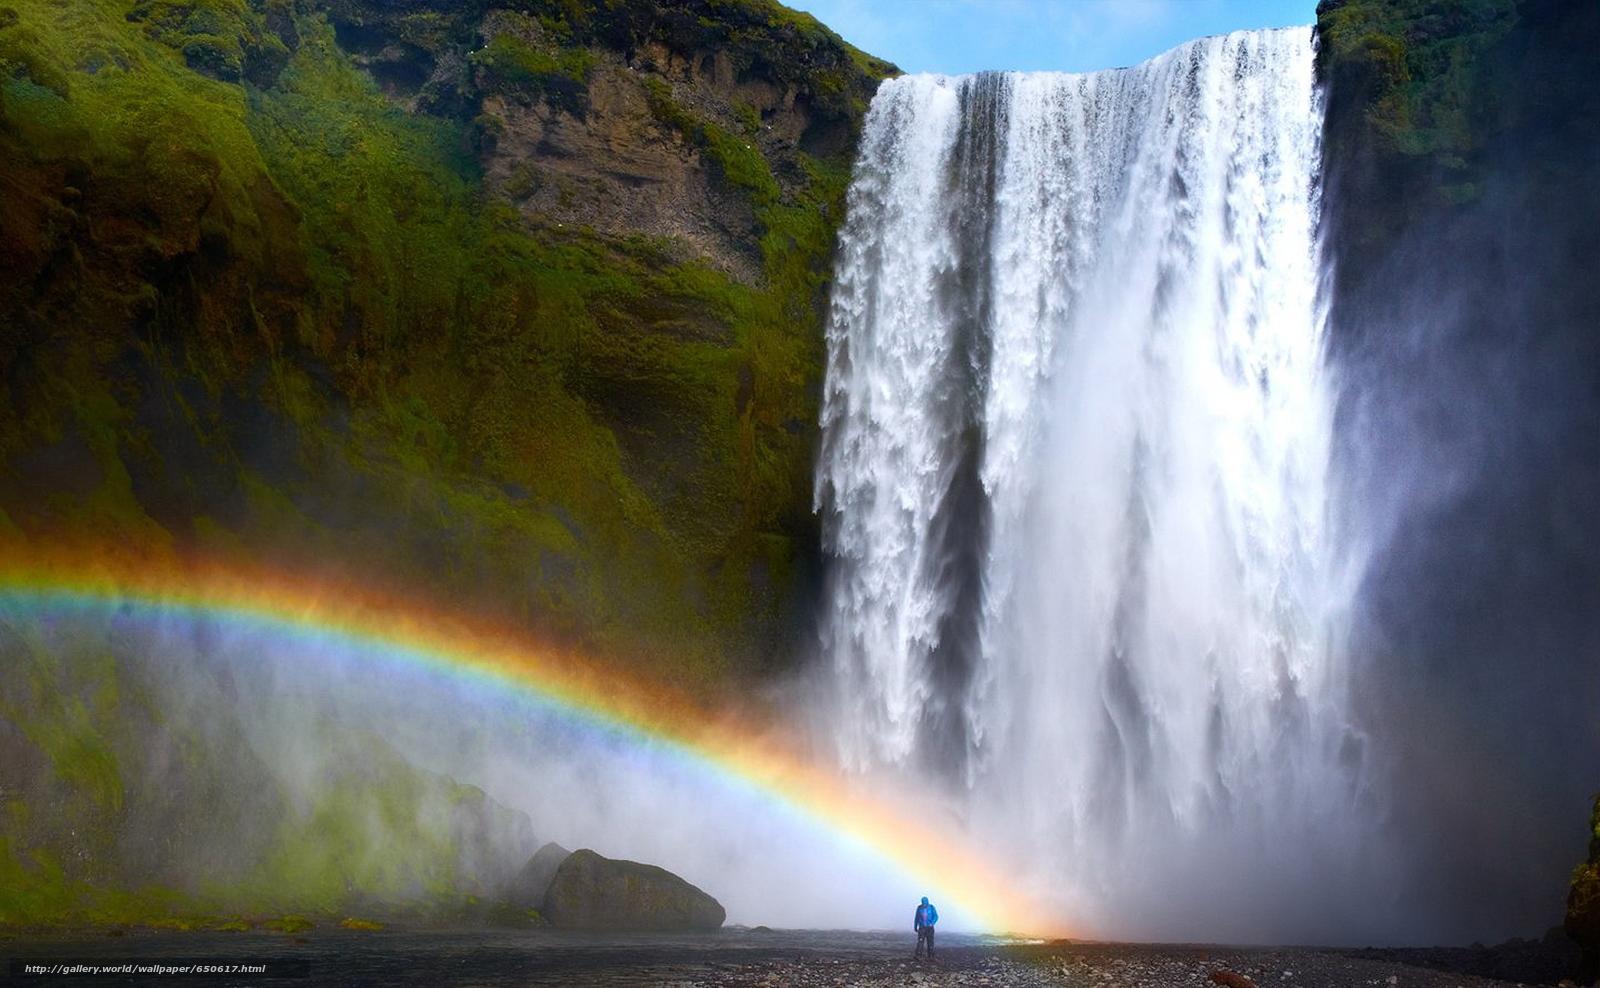 Скачать обои водопад,  радуга,  человек бесплатно для рабочего стола в разрешении 1920x1185 — картинка №650617